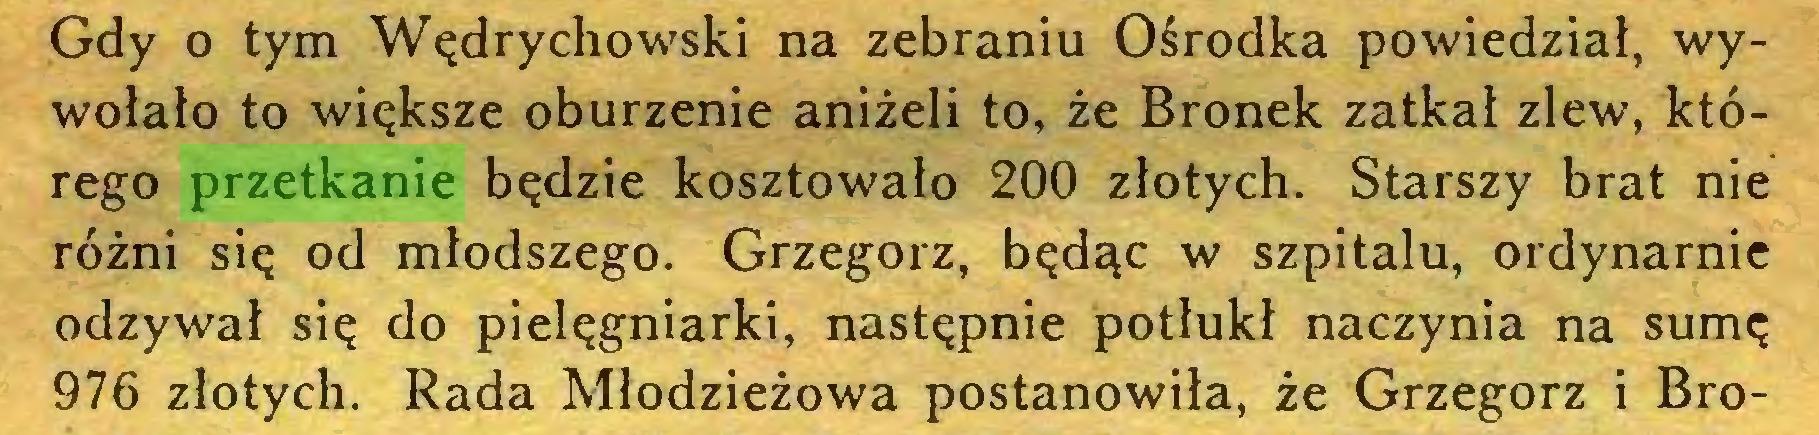 (...) Gdy o tym Wędrychowski na zebraniu Ośrodka powiedział, wywołało to większe oburzenie aniżeli to, że Bronek zatkał zlew, którego przetkanie będzie kosztowało 200 złotych. Starszy brat nie różni się od młodszego. Grzegorz, będąc w szpitalu, ordynarnie odzywał się do pielęgniarki, następnie potłukł naczynia na sumę 976 złotych. Rada Młodzieżowa postanowiła, że Grzegorz i Bro...